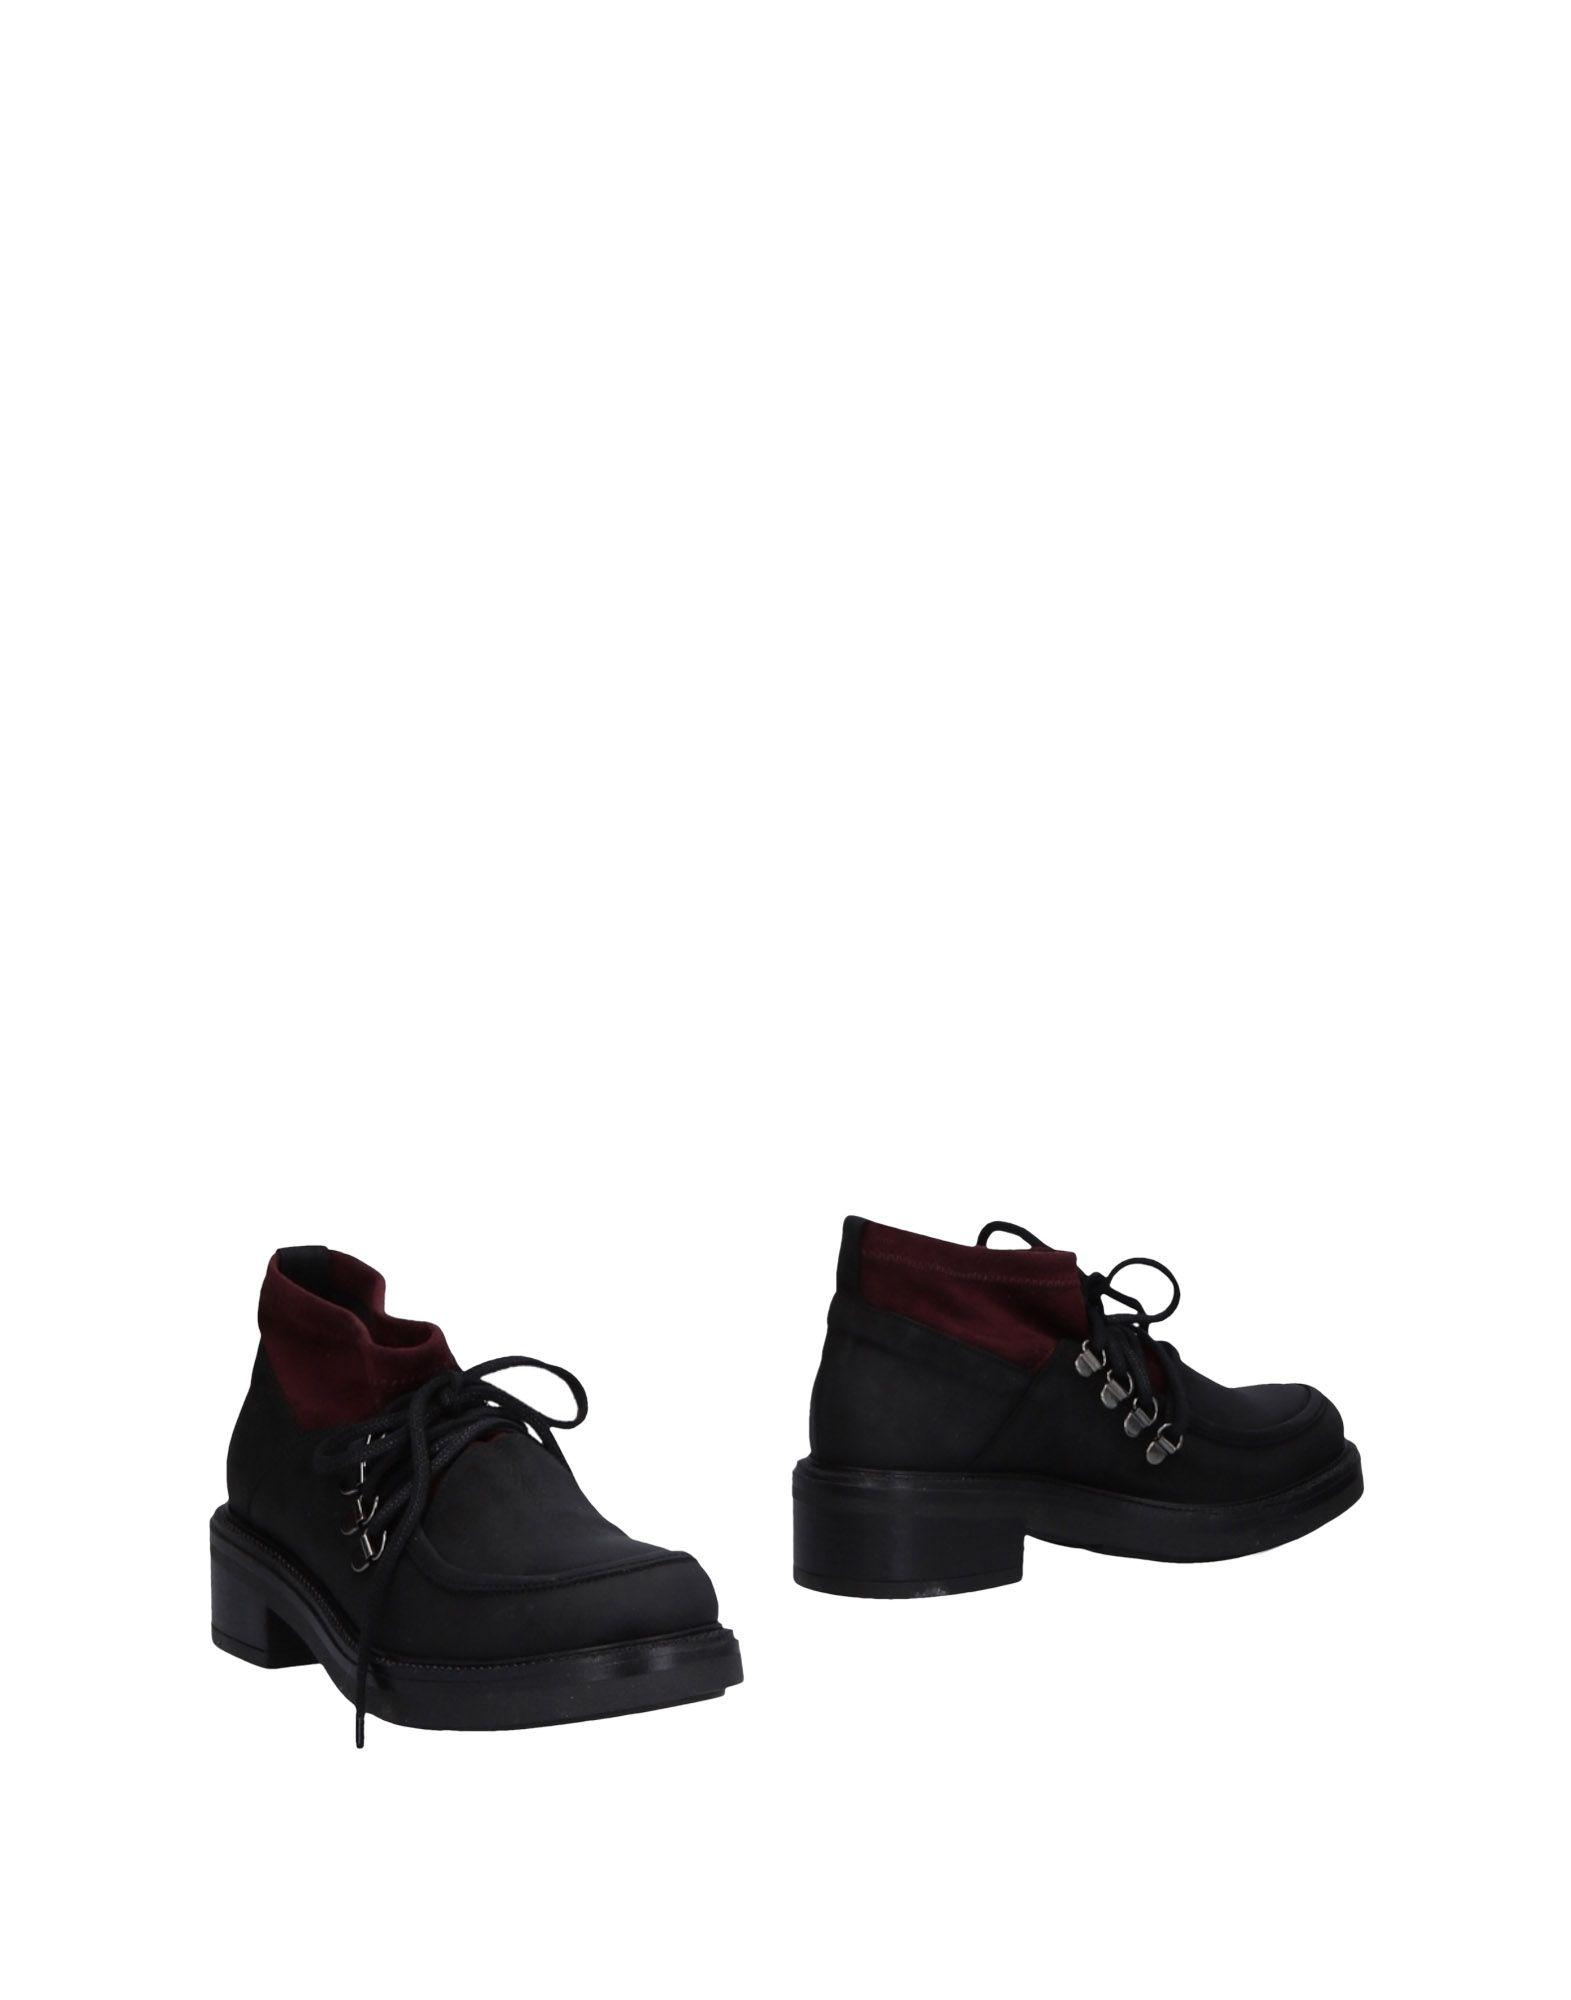 Mally Stiefelette Damen  11476210EX Gute Qualität beliebte Schuhe